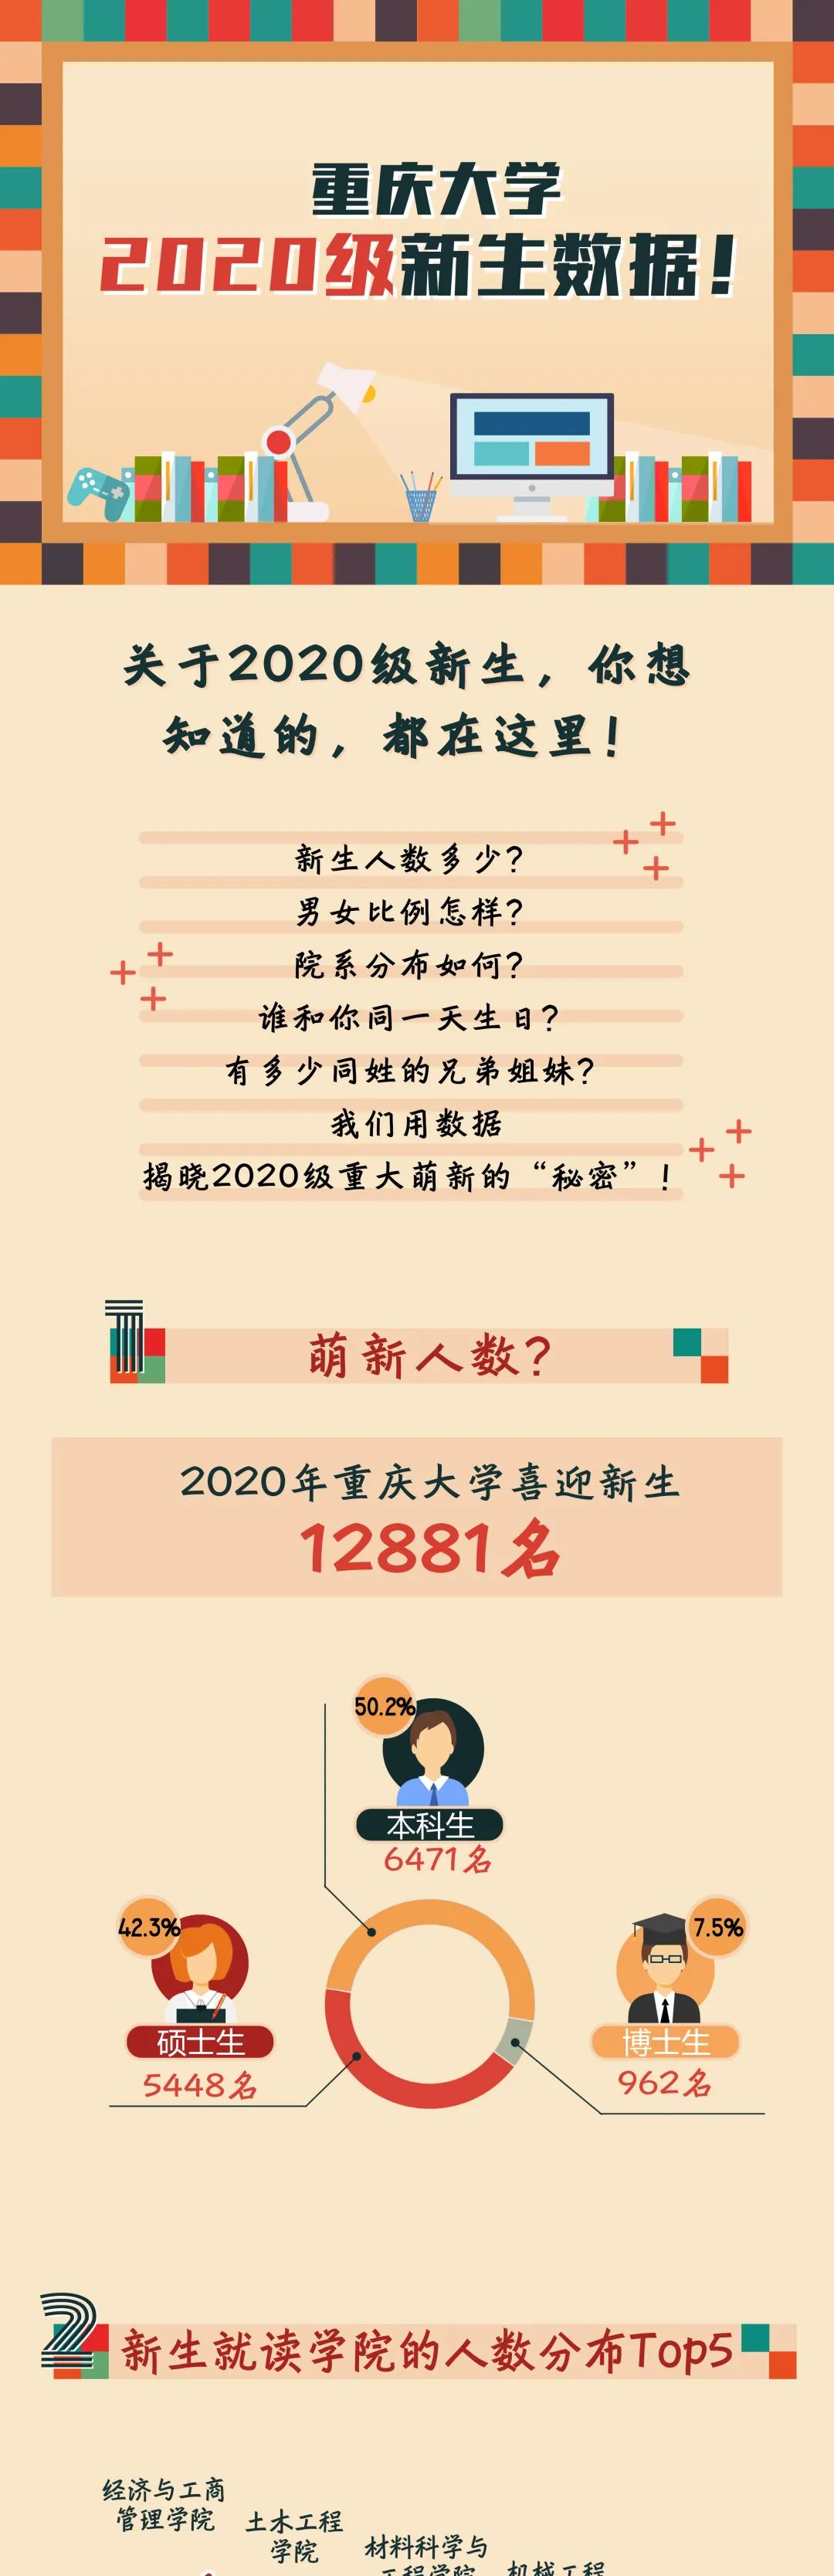 重庆大学2020级新生数据大揭秘!图片